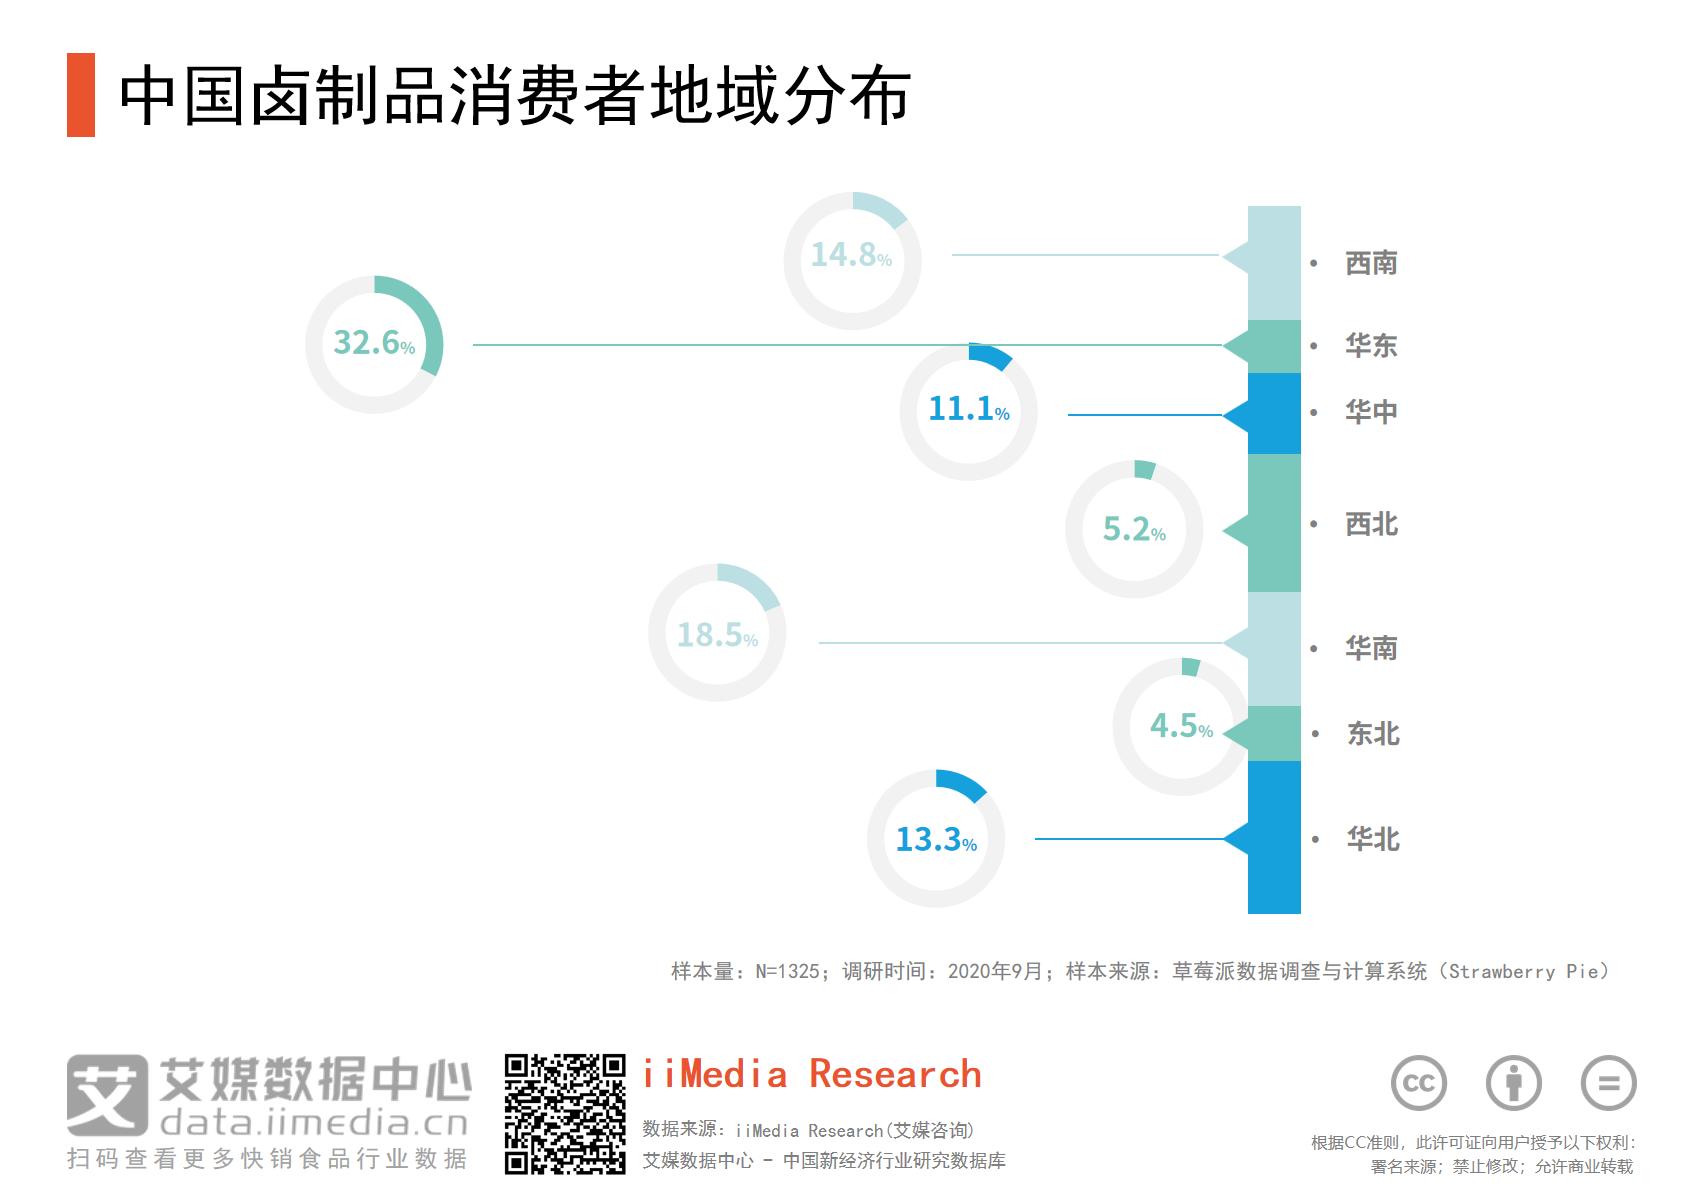 2020年中国32.6%卤制品消费者分布在华东地区